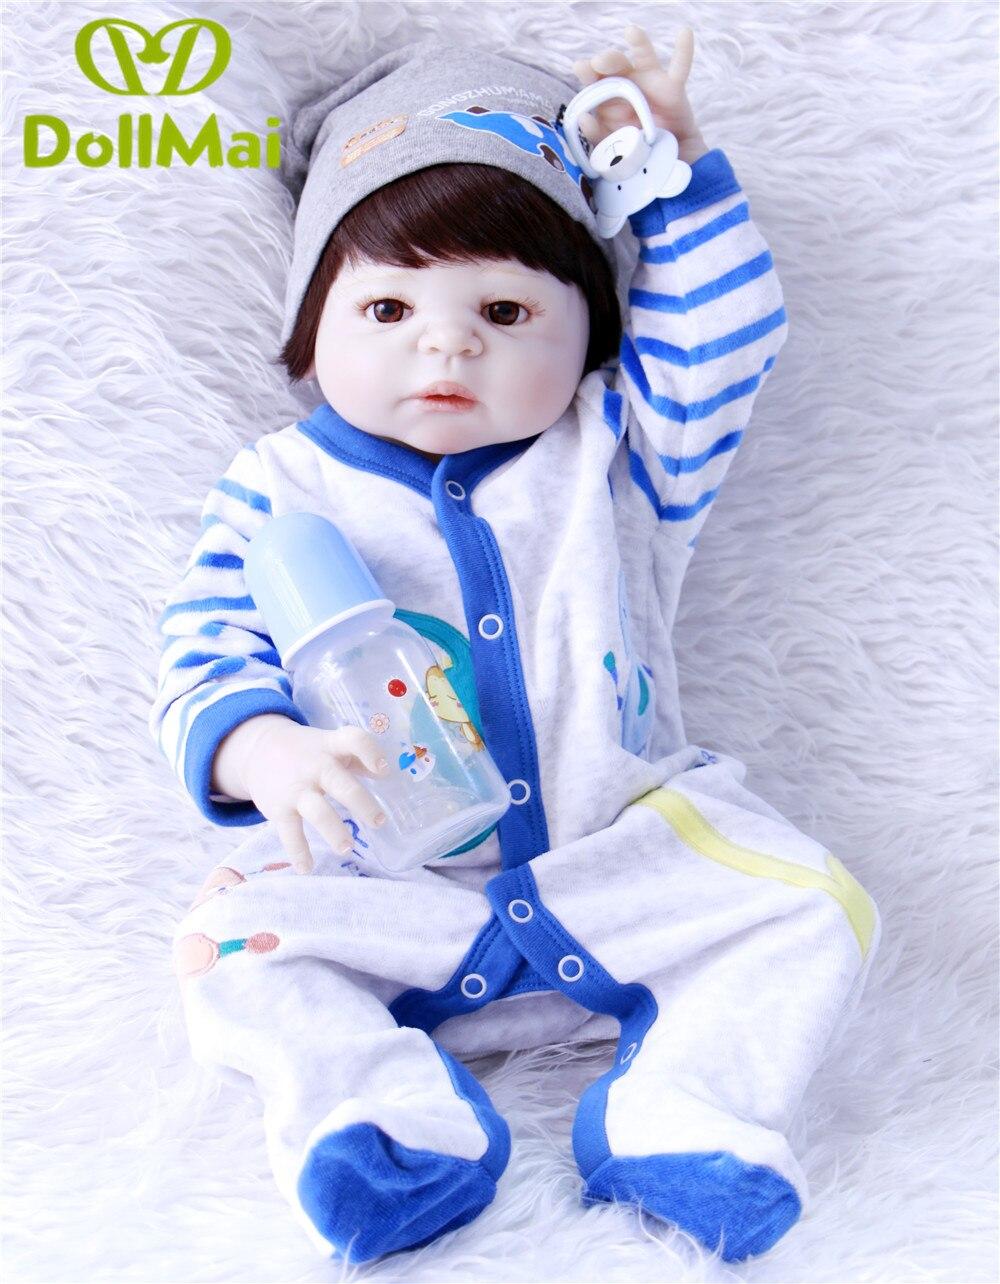 Красивые коричневые волосы девушкая силиконовая боди для новорожденных, для девочек куклы реалистичные новорожденных Детская кукла винил... - 2